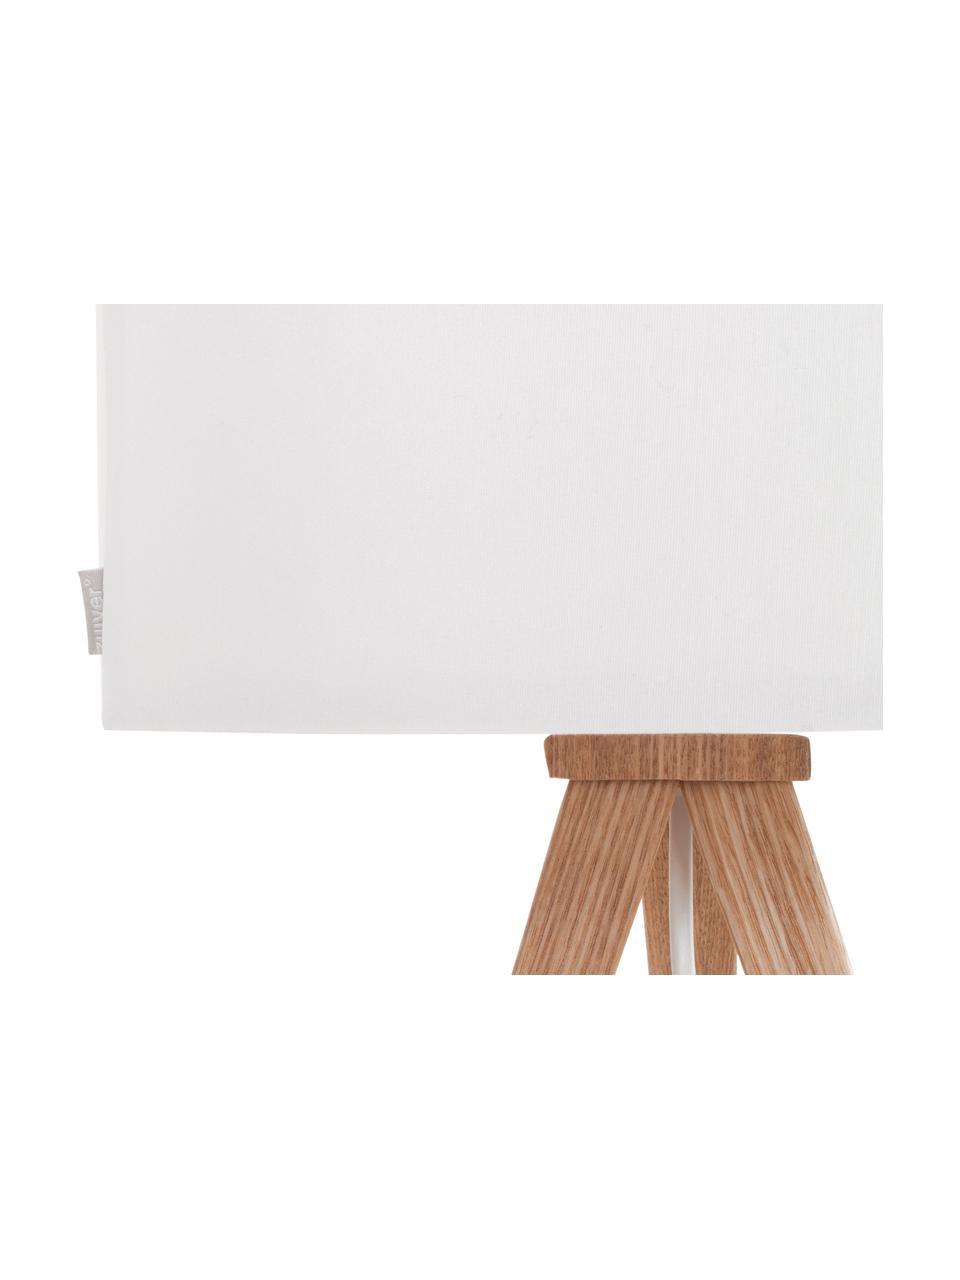 Lampadaire sur trépied en bois Tripod, Blanc, placage en chêne